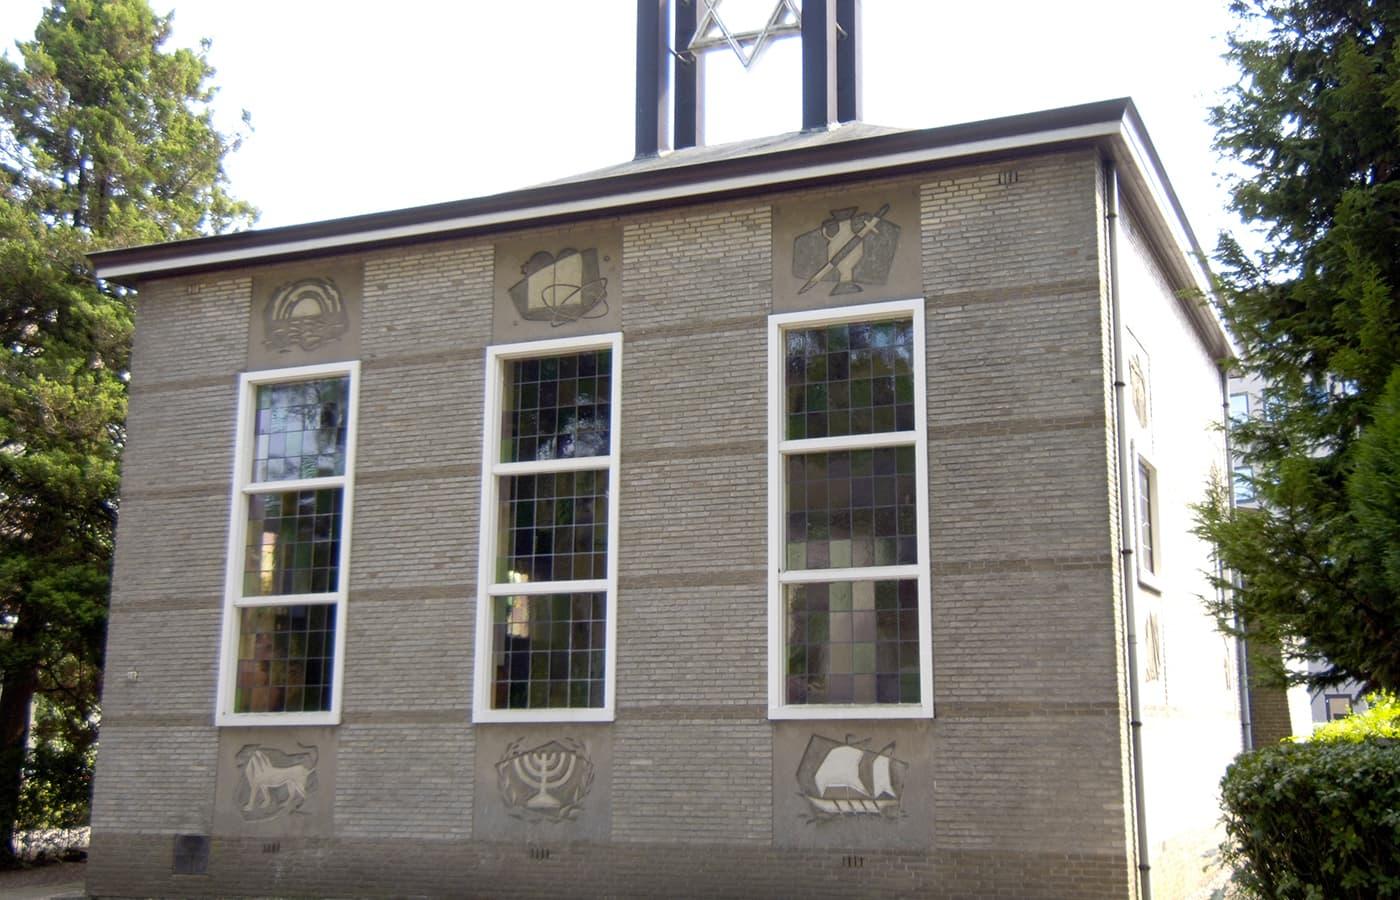 Muurreliefs Synagoge Paslaan